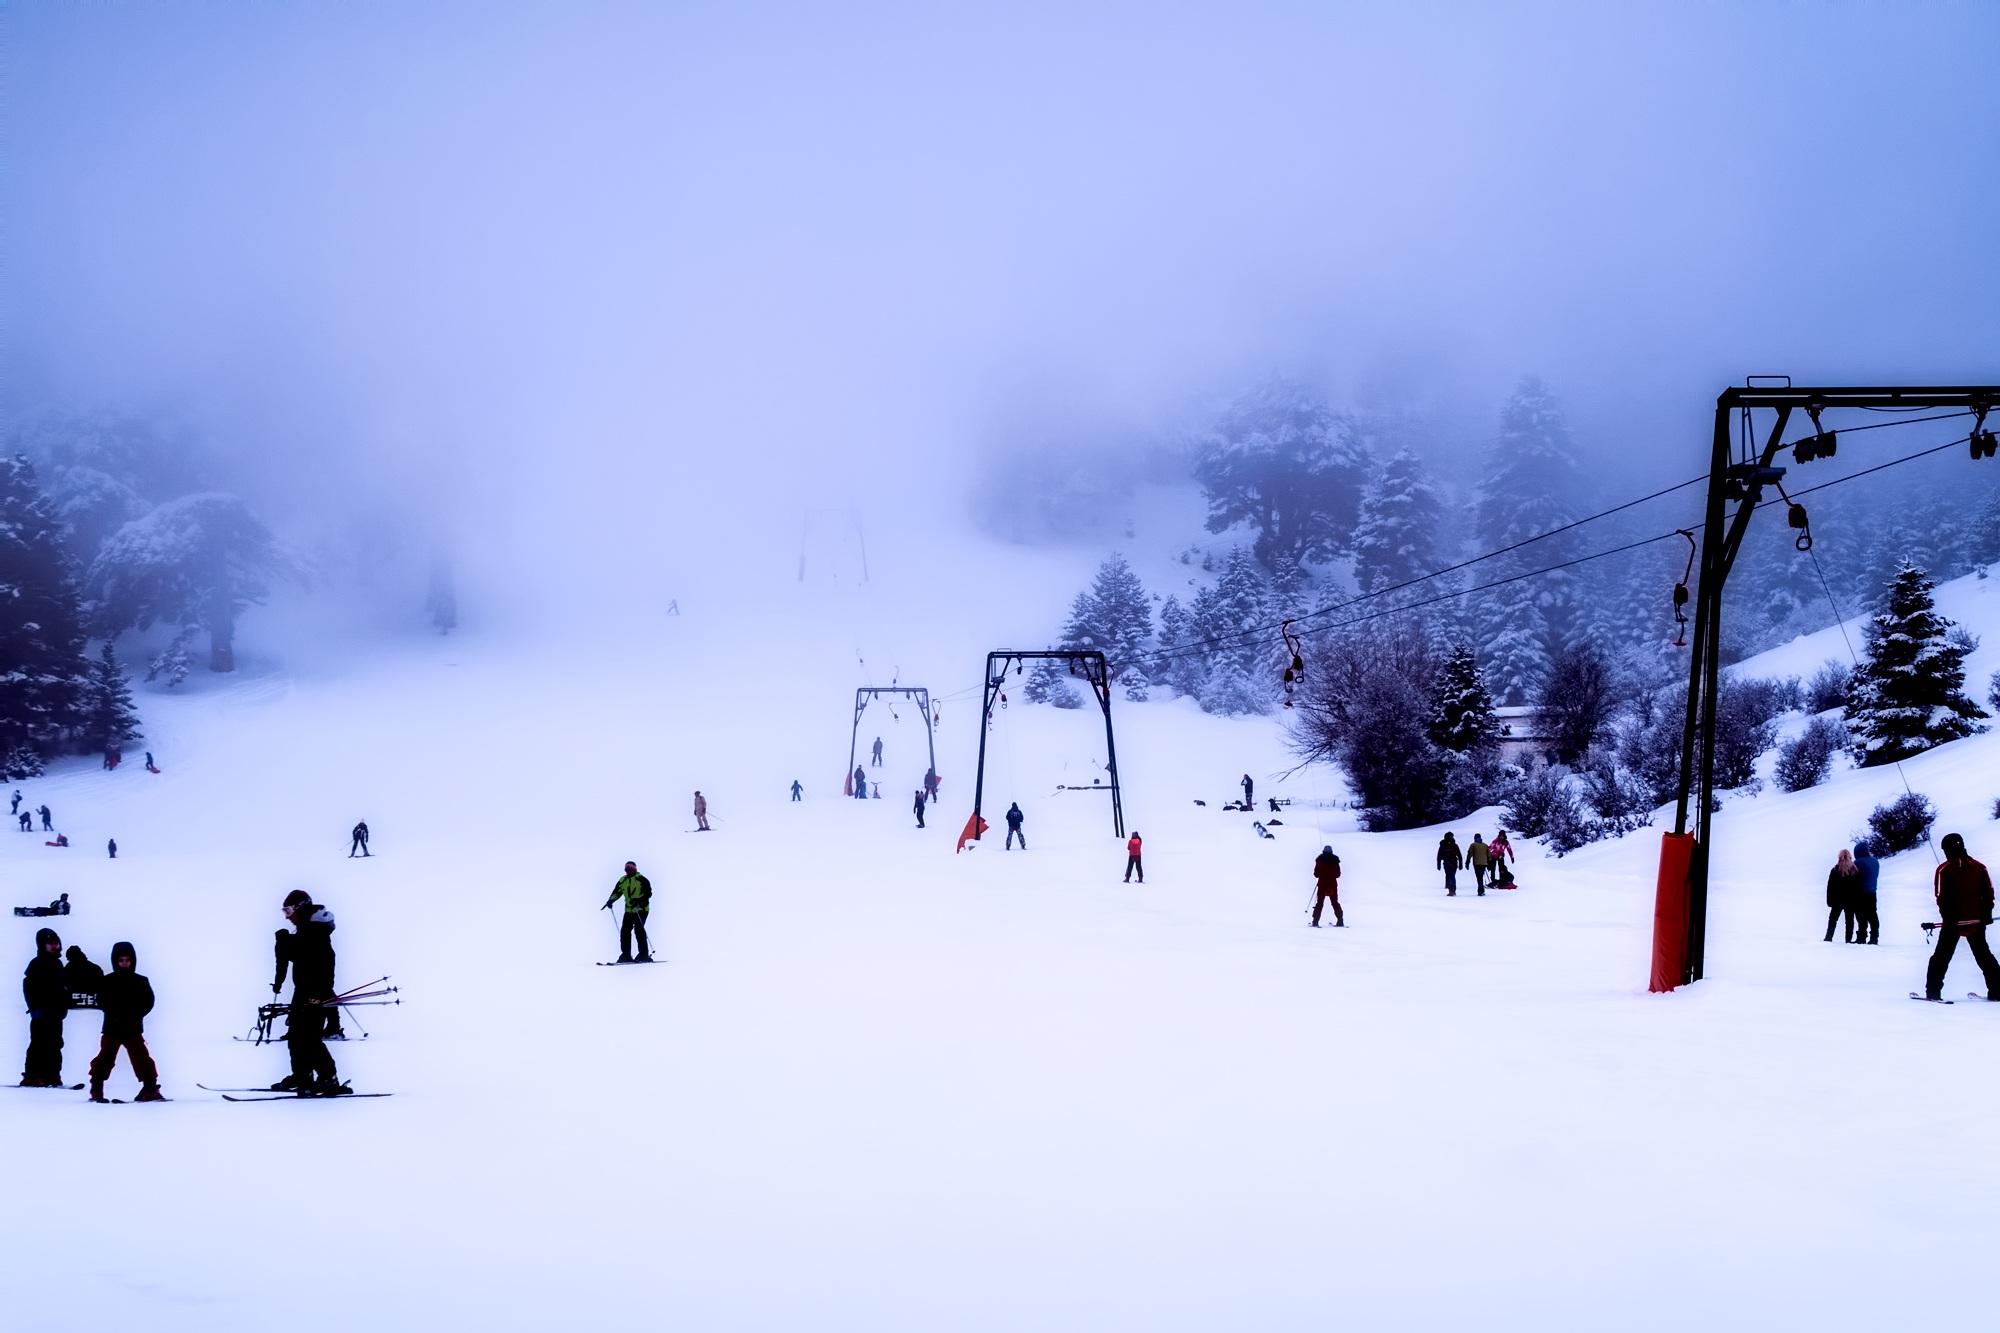 Partie de ski in Grecia